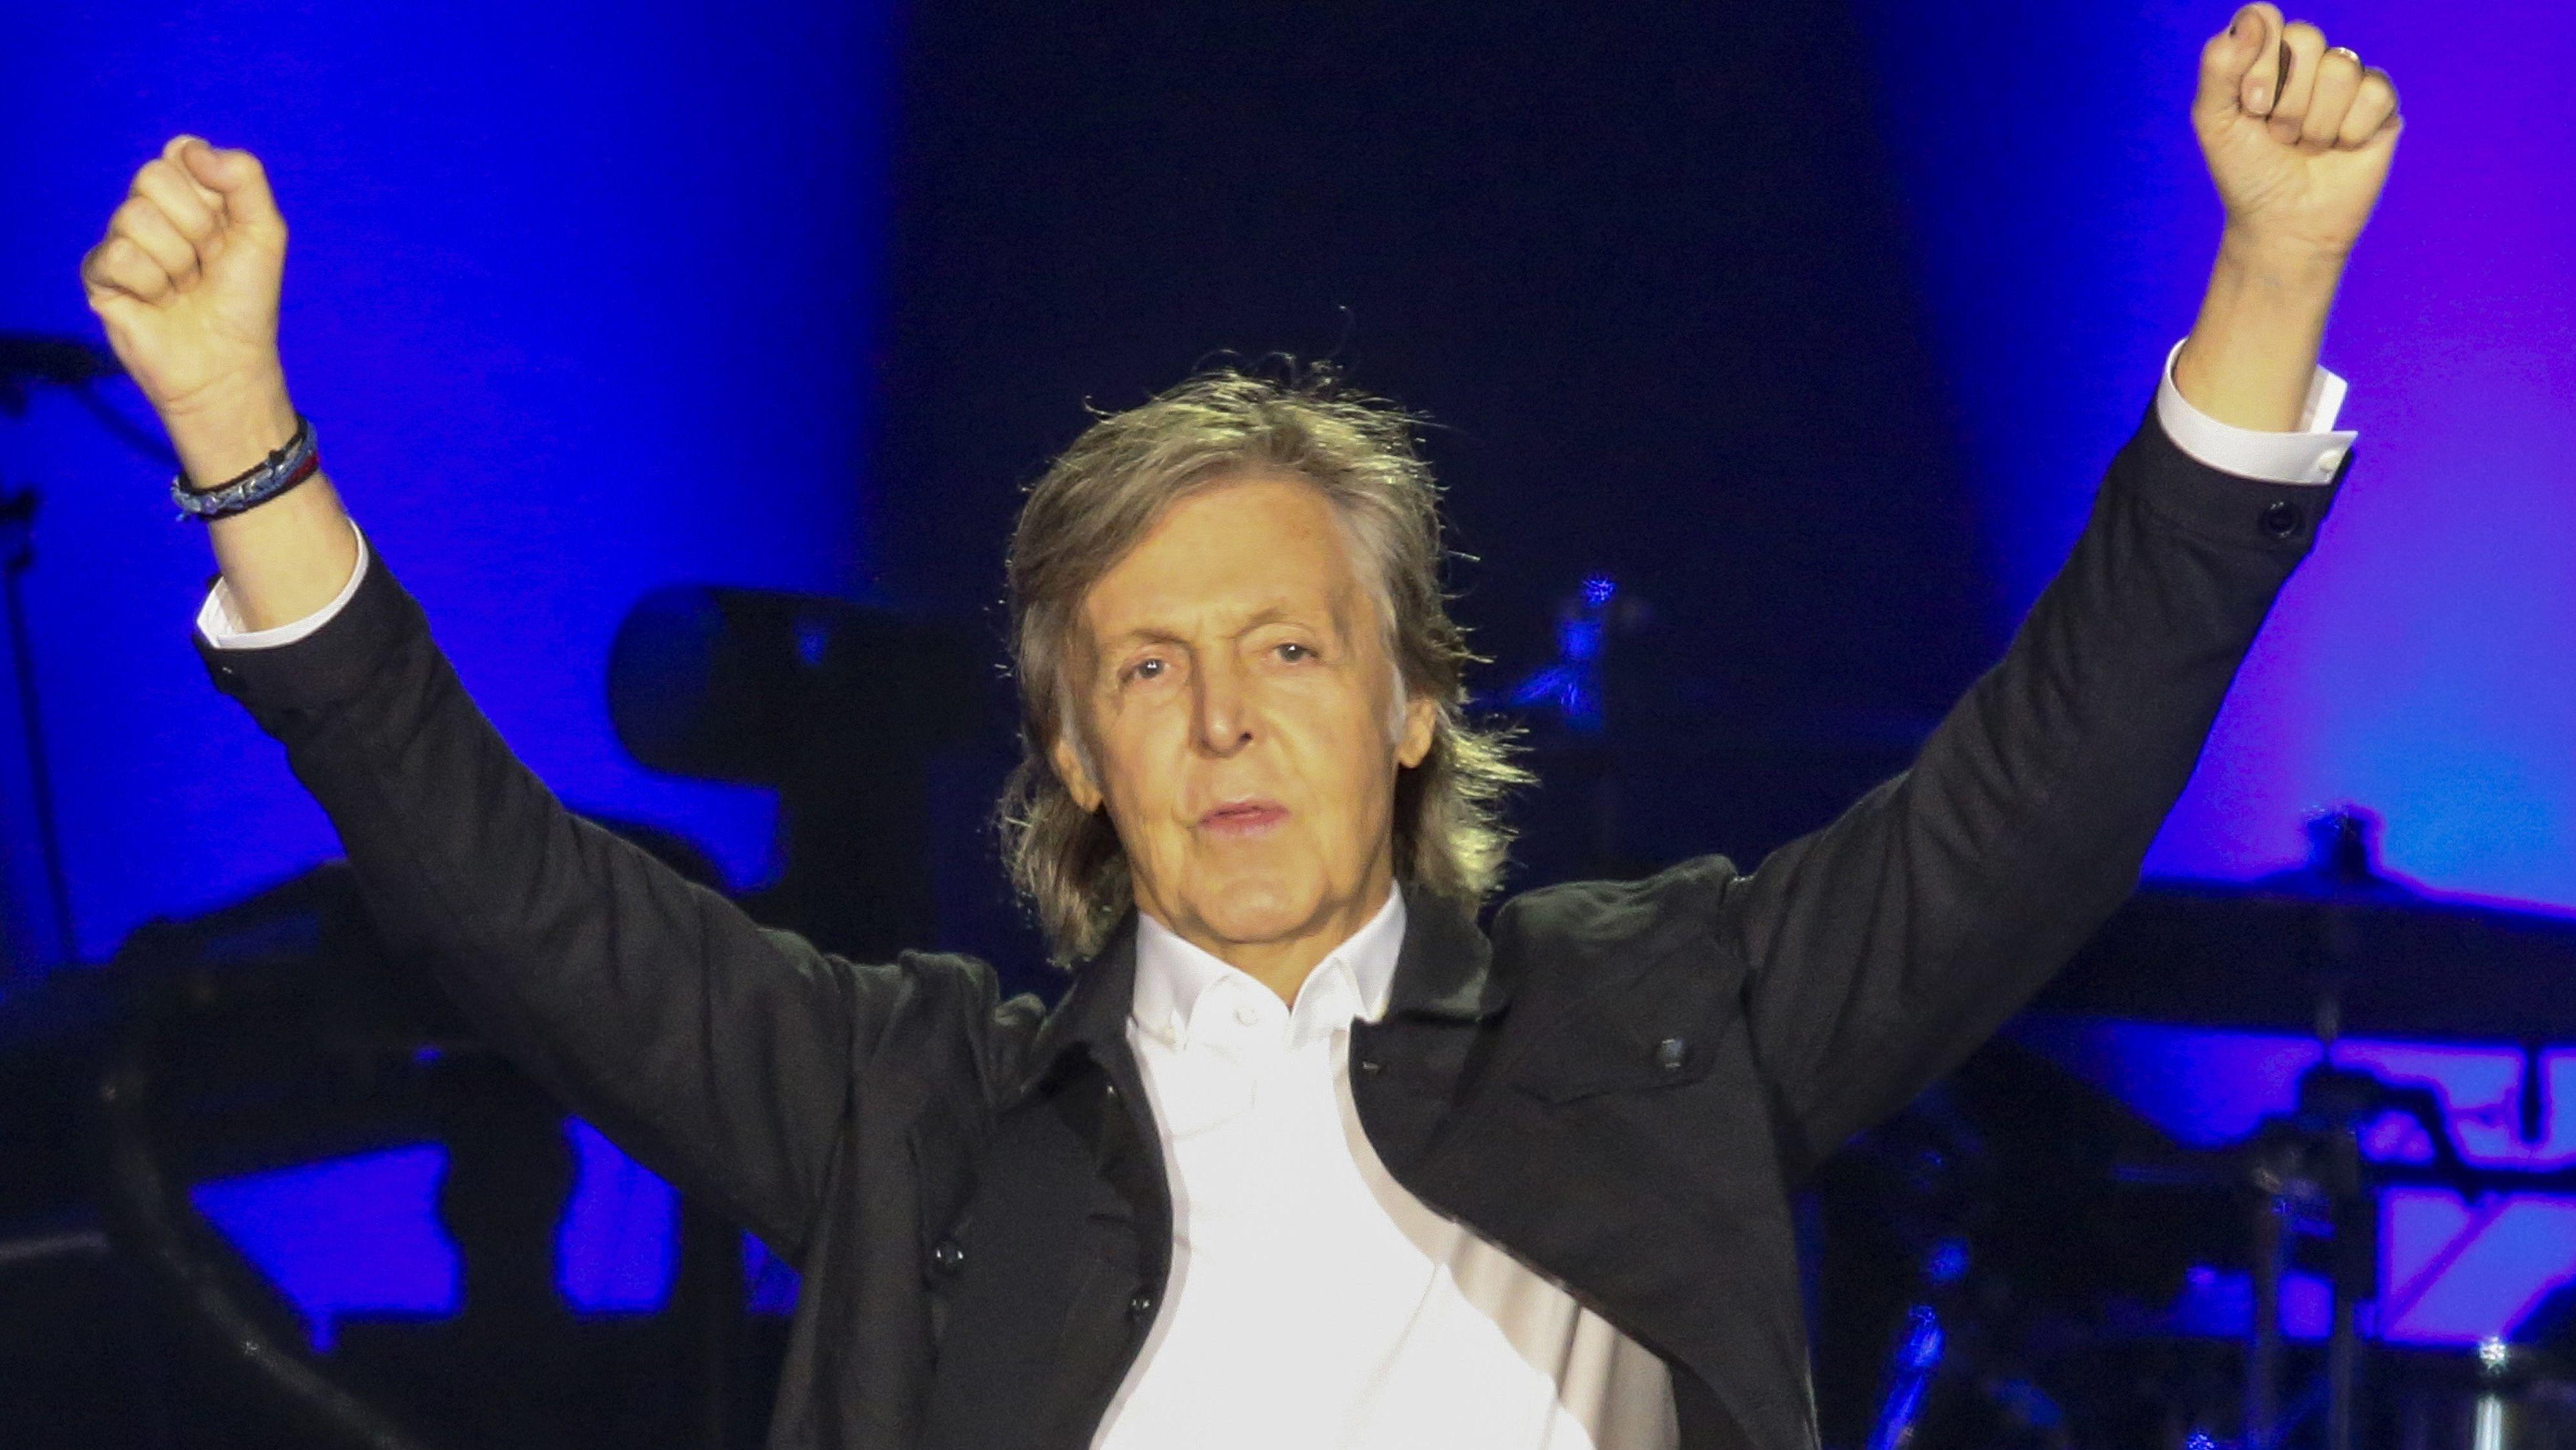 Der Musiker Paul McCartney in Siegerpose nach einem Konzert in diesem Juli in Los Angeles.